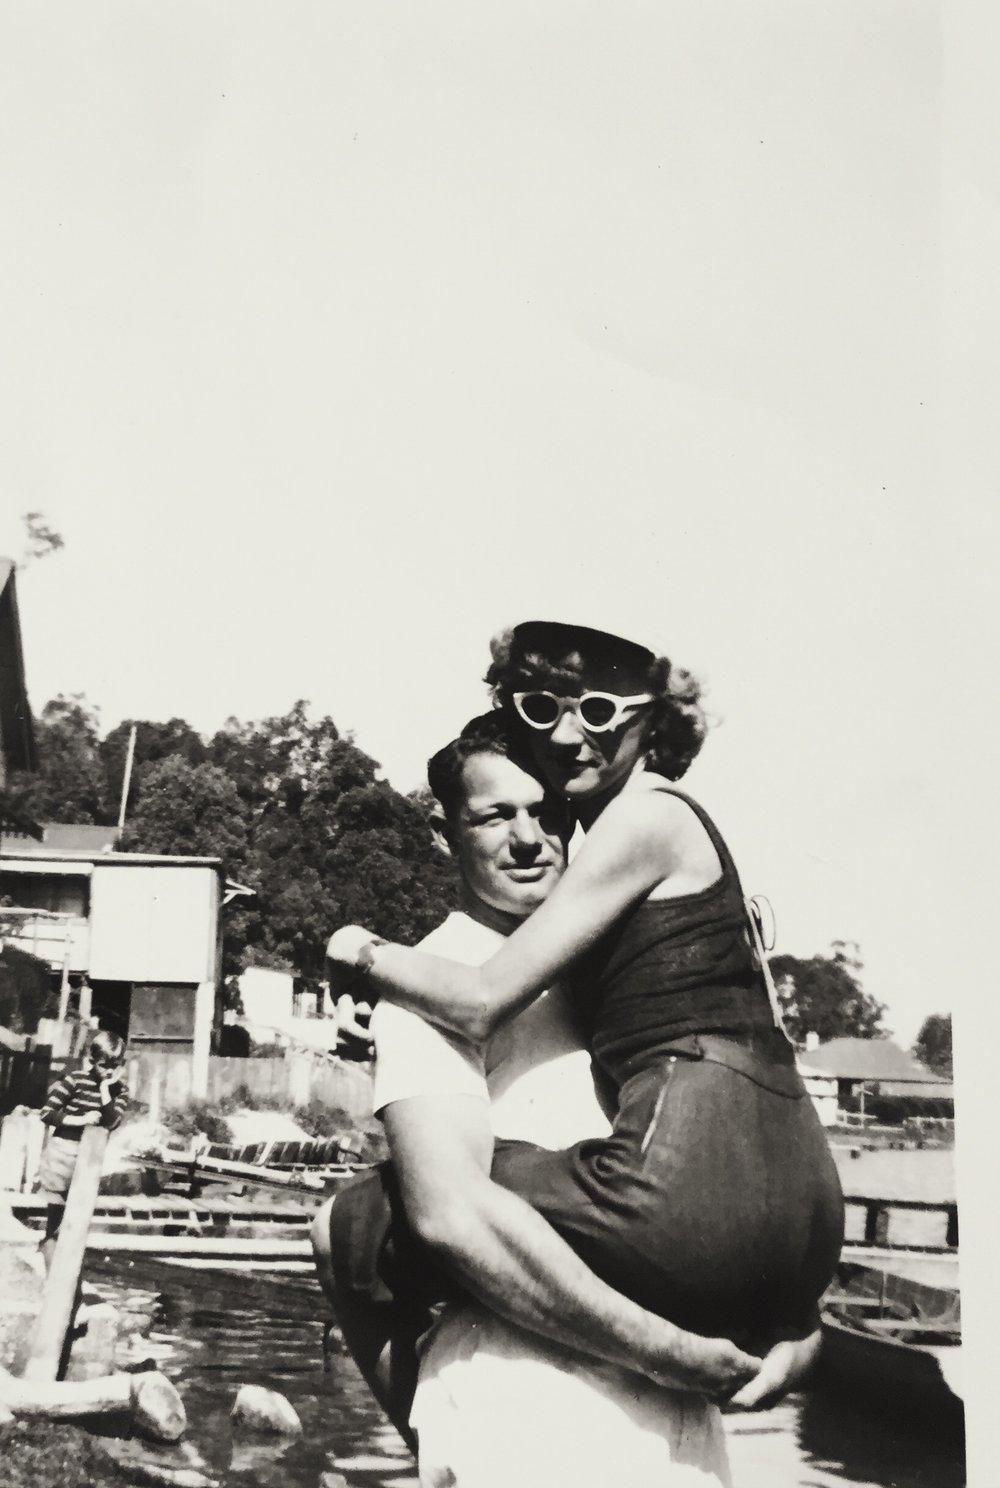 1950 photos